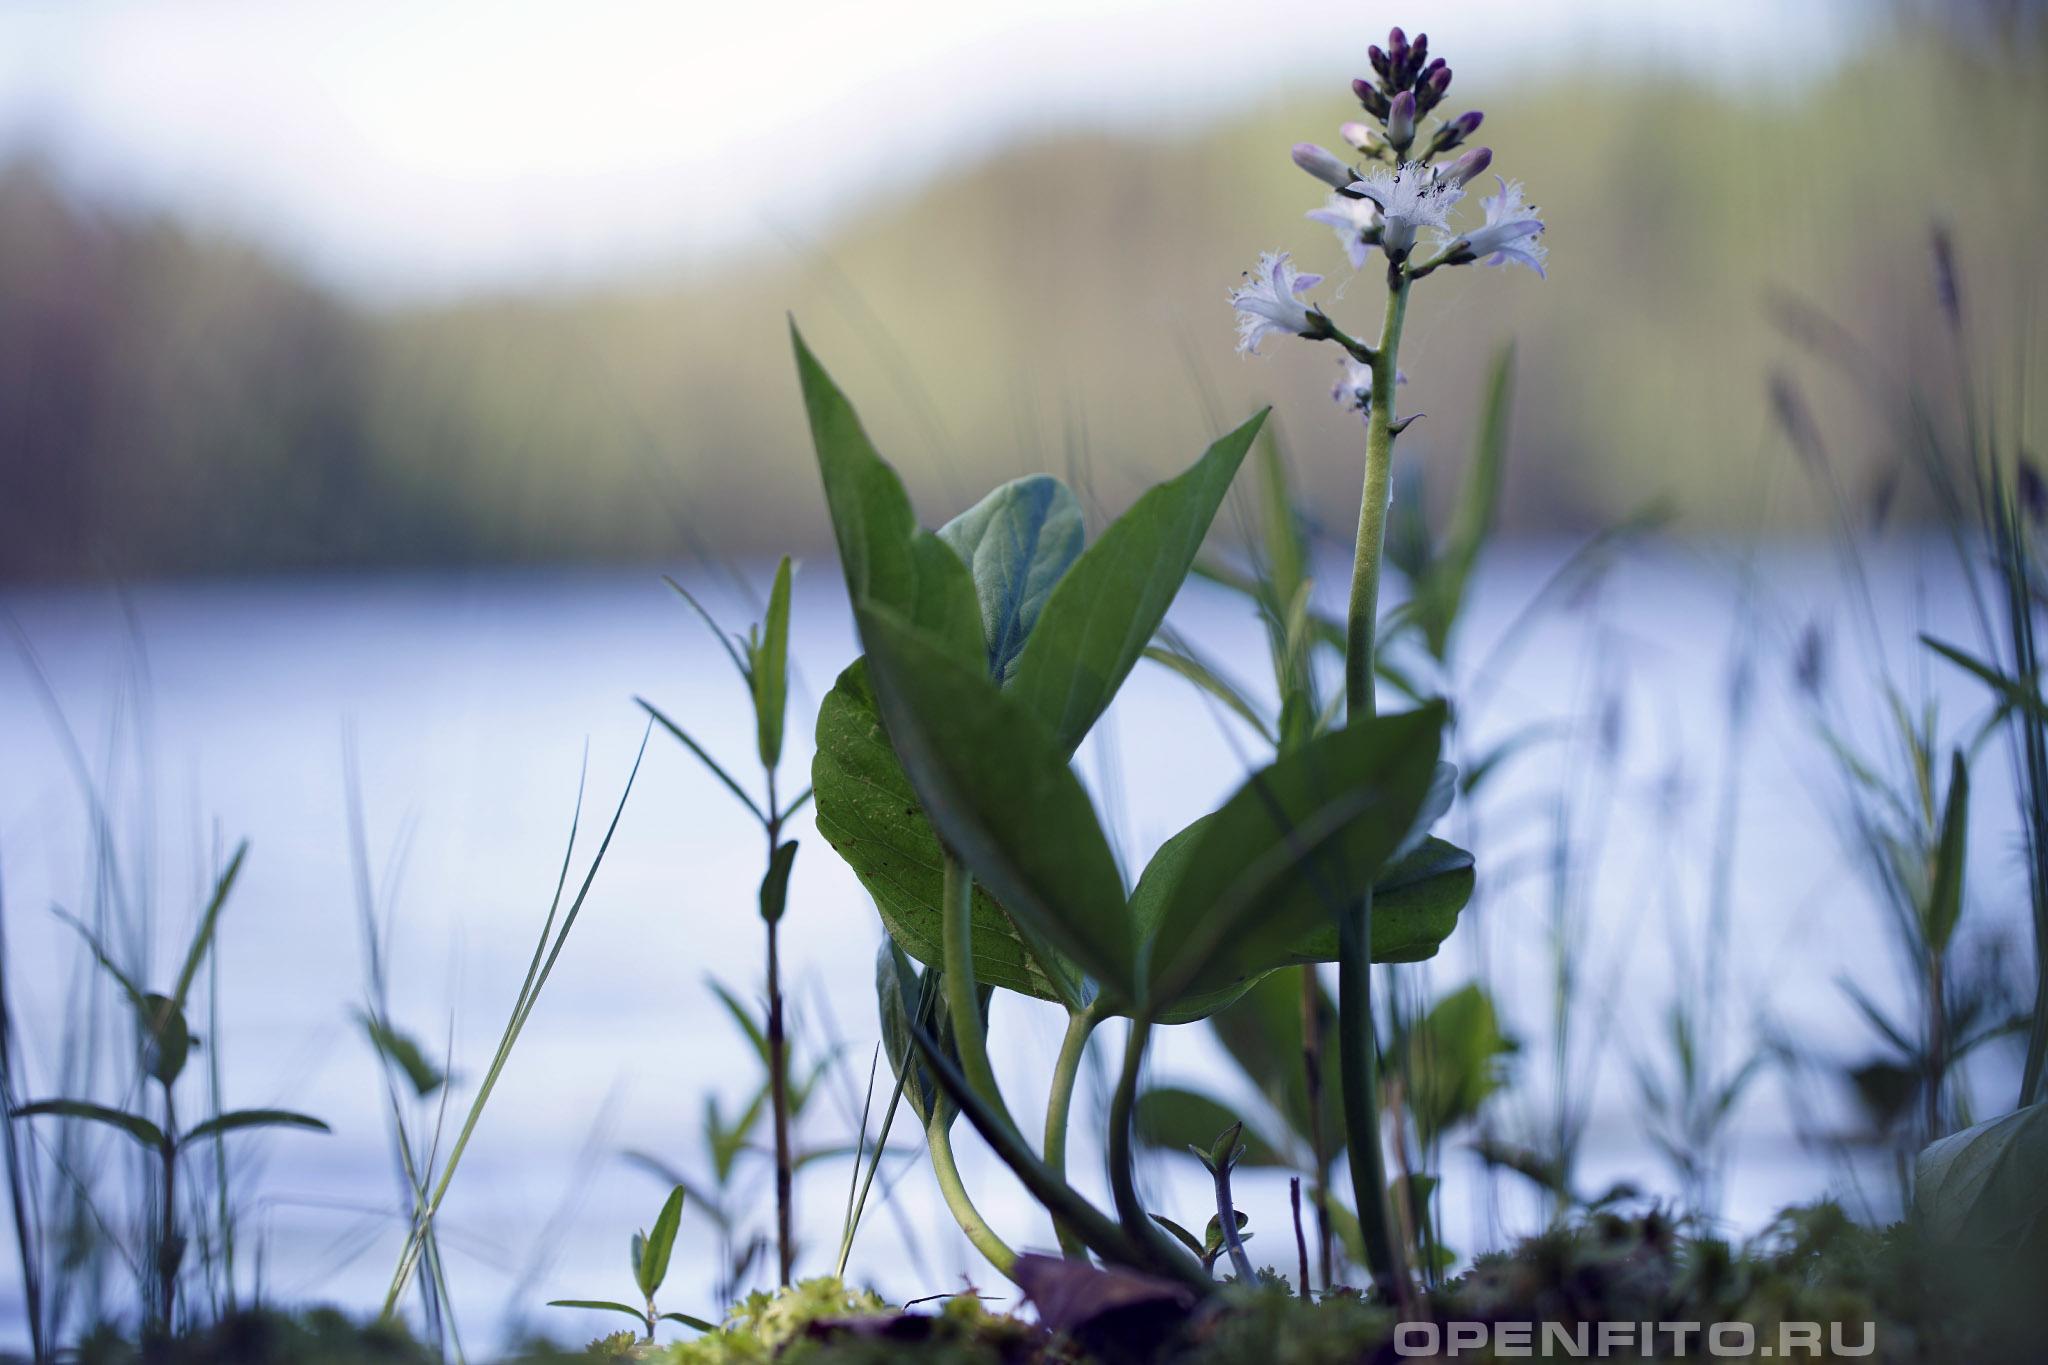 Трифоль вахта трехлистная во время цветения